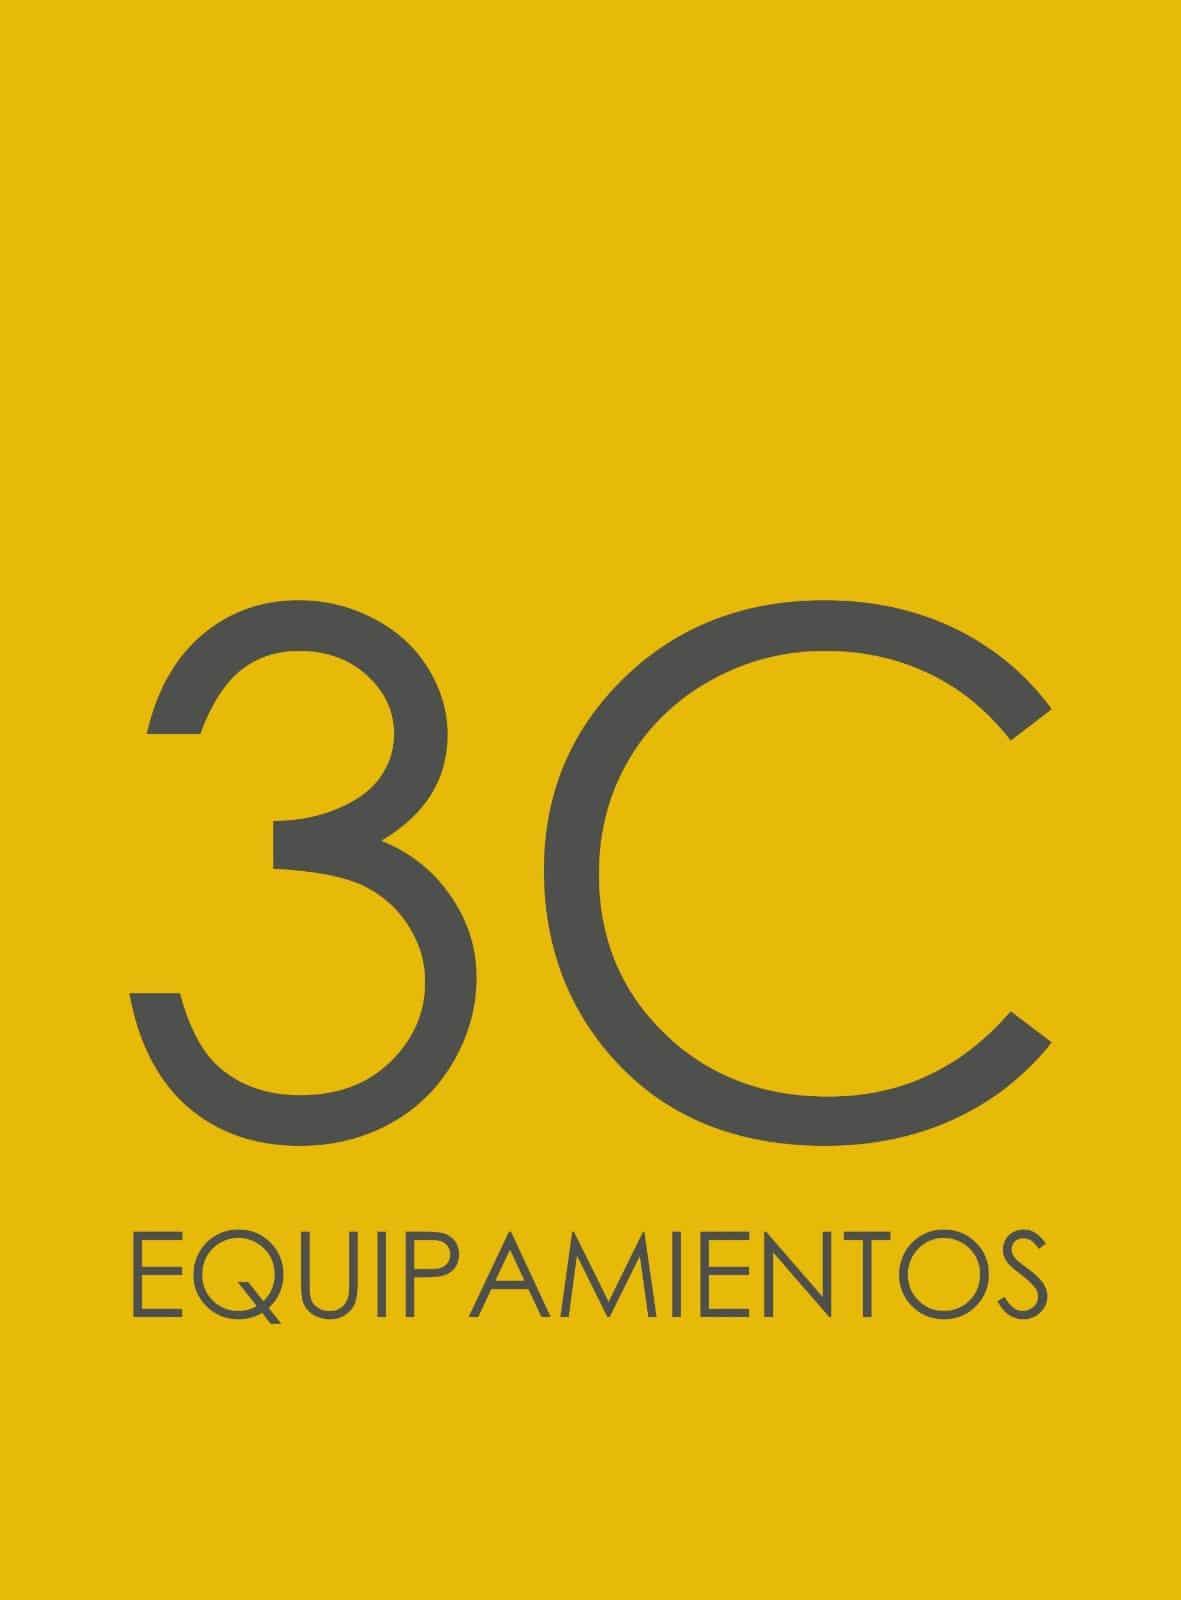 3C Equipamientos - Muebles de Oficina en León y Sillas de Oficina en León